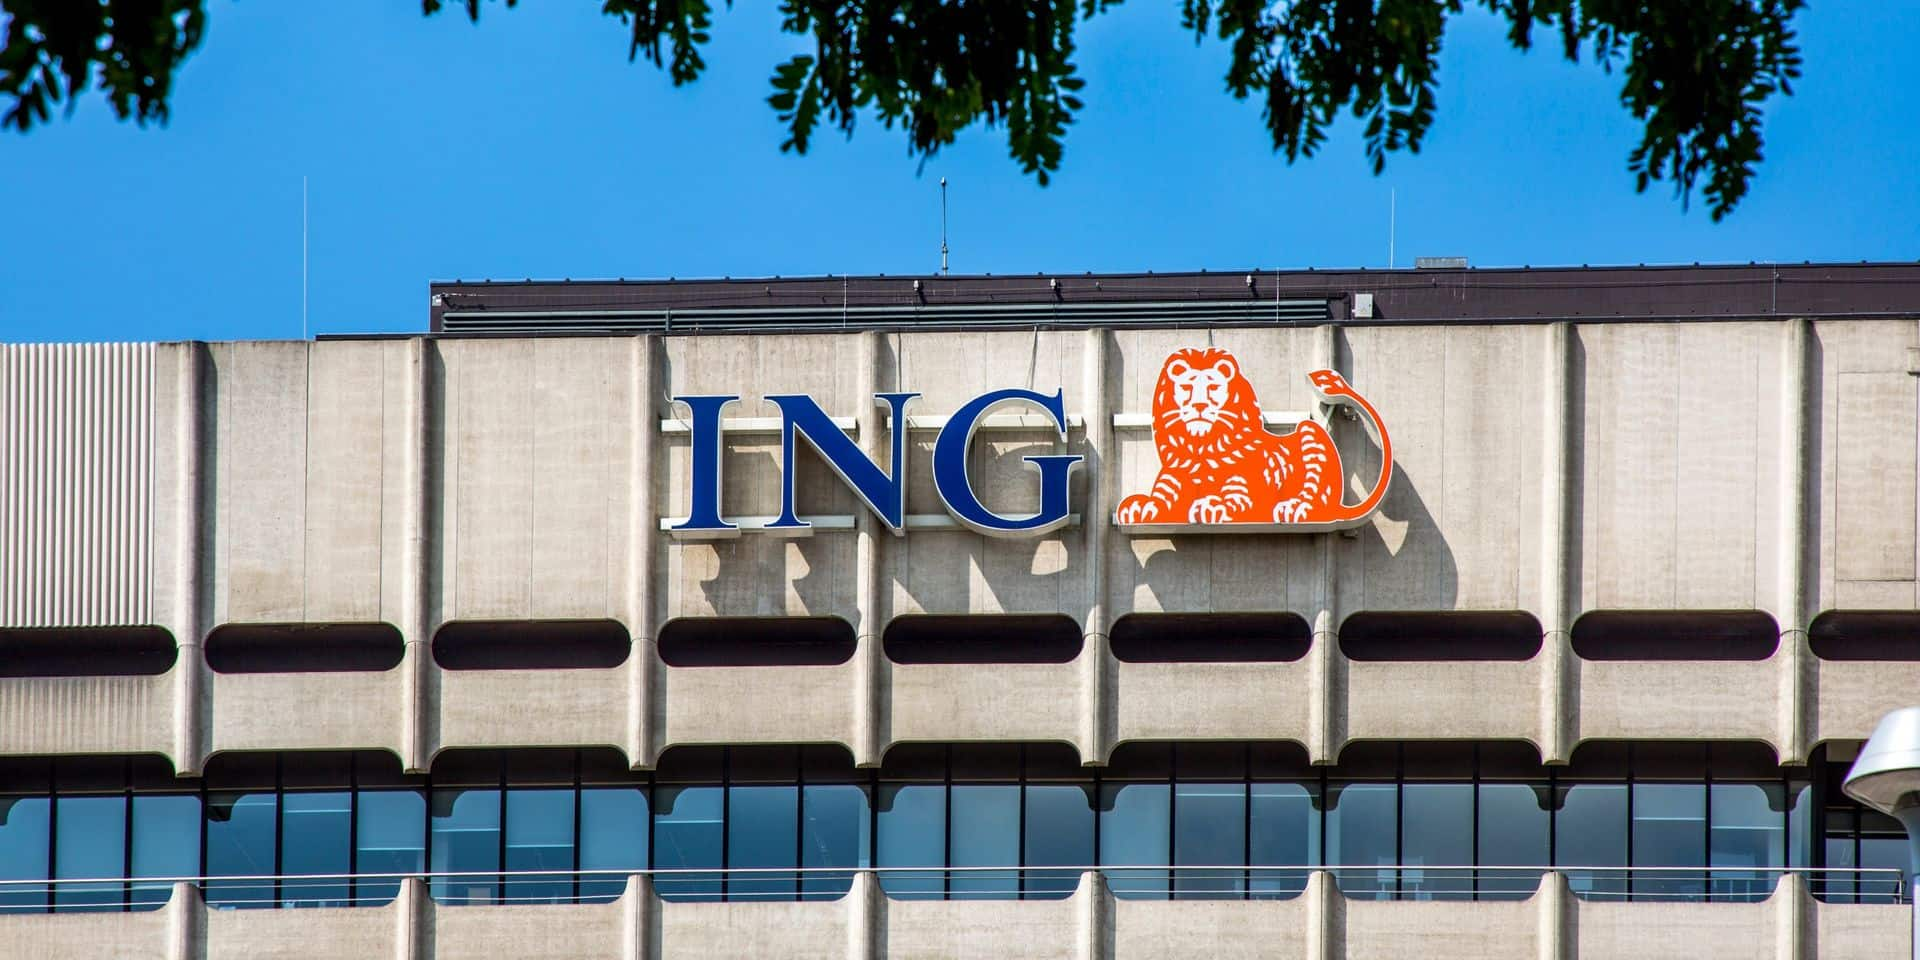 Dans les agences ING, retirer des espèces de son compte d'épargne va vous coûter de l'argent